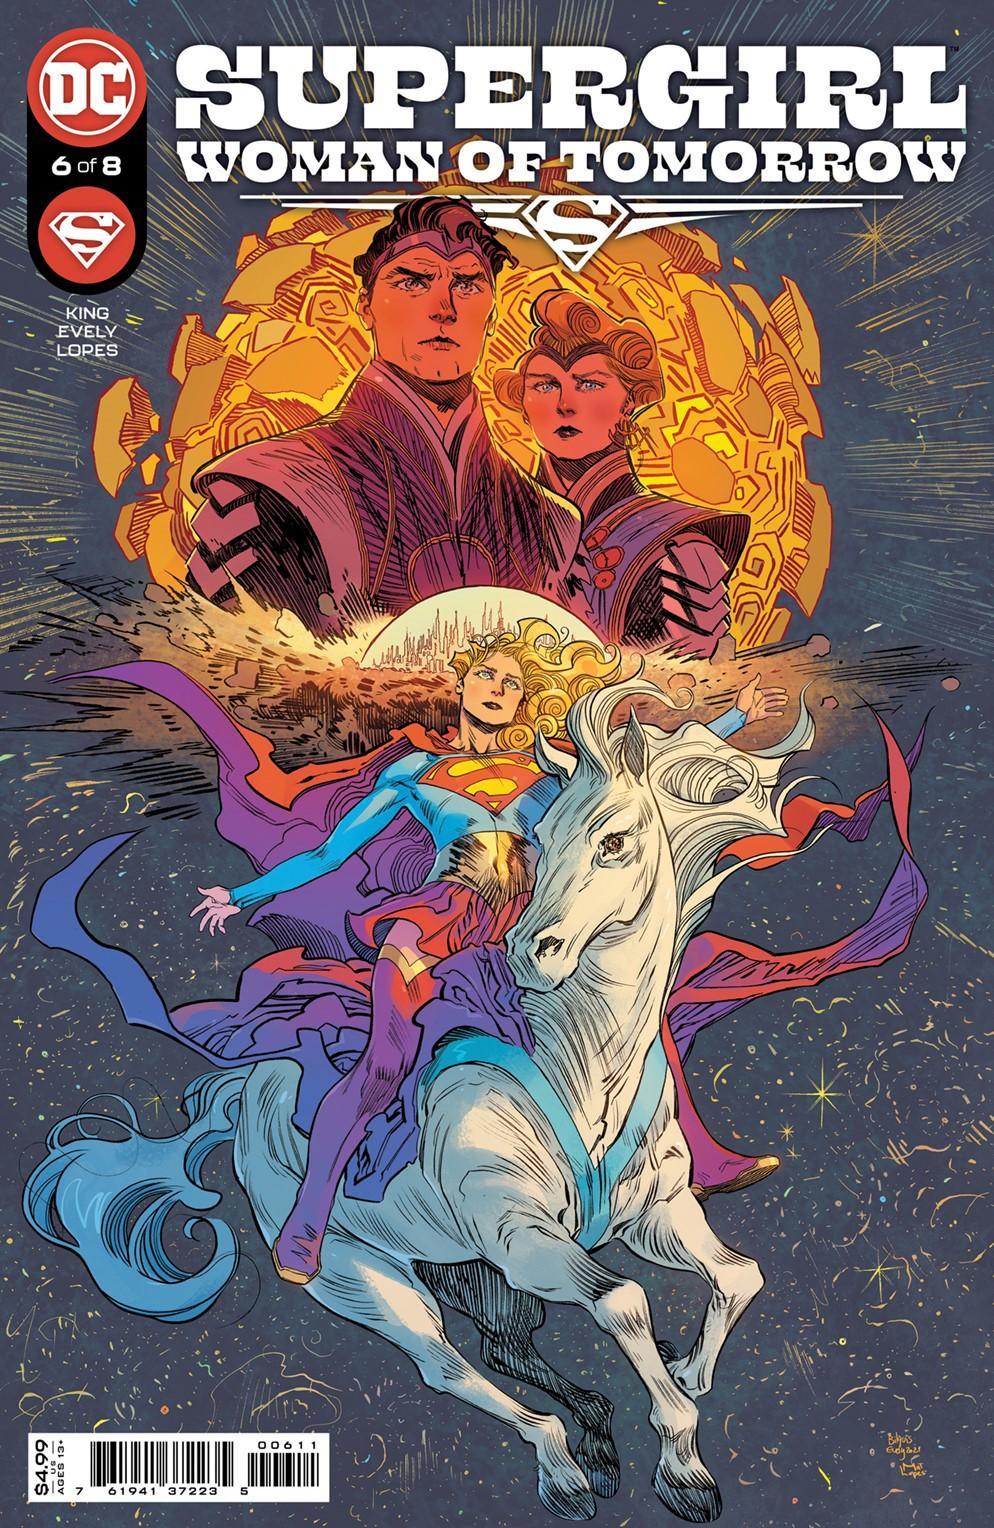 SGWOT_Cv6 DC Comics December 2021 Solicitations